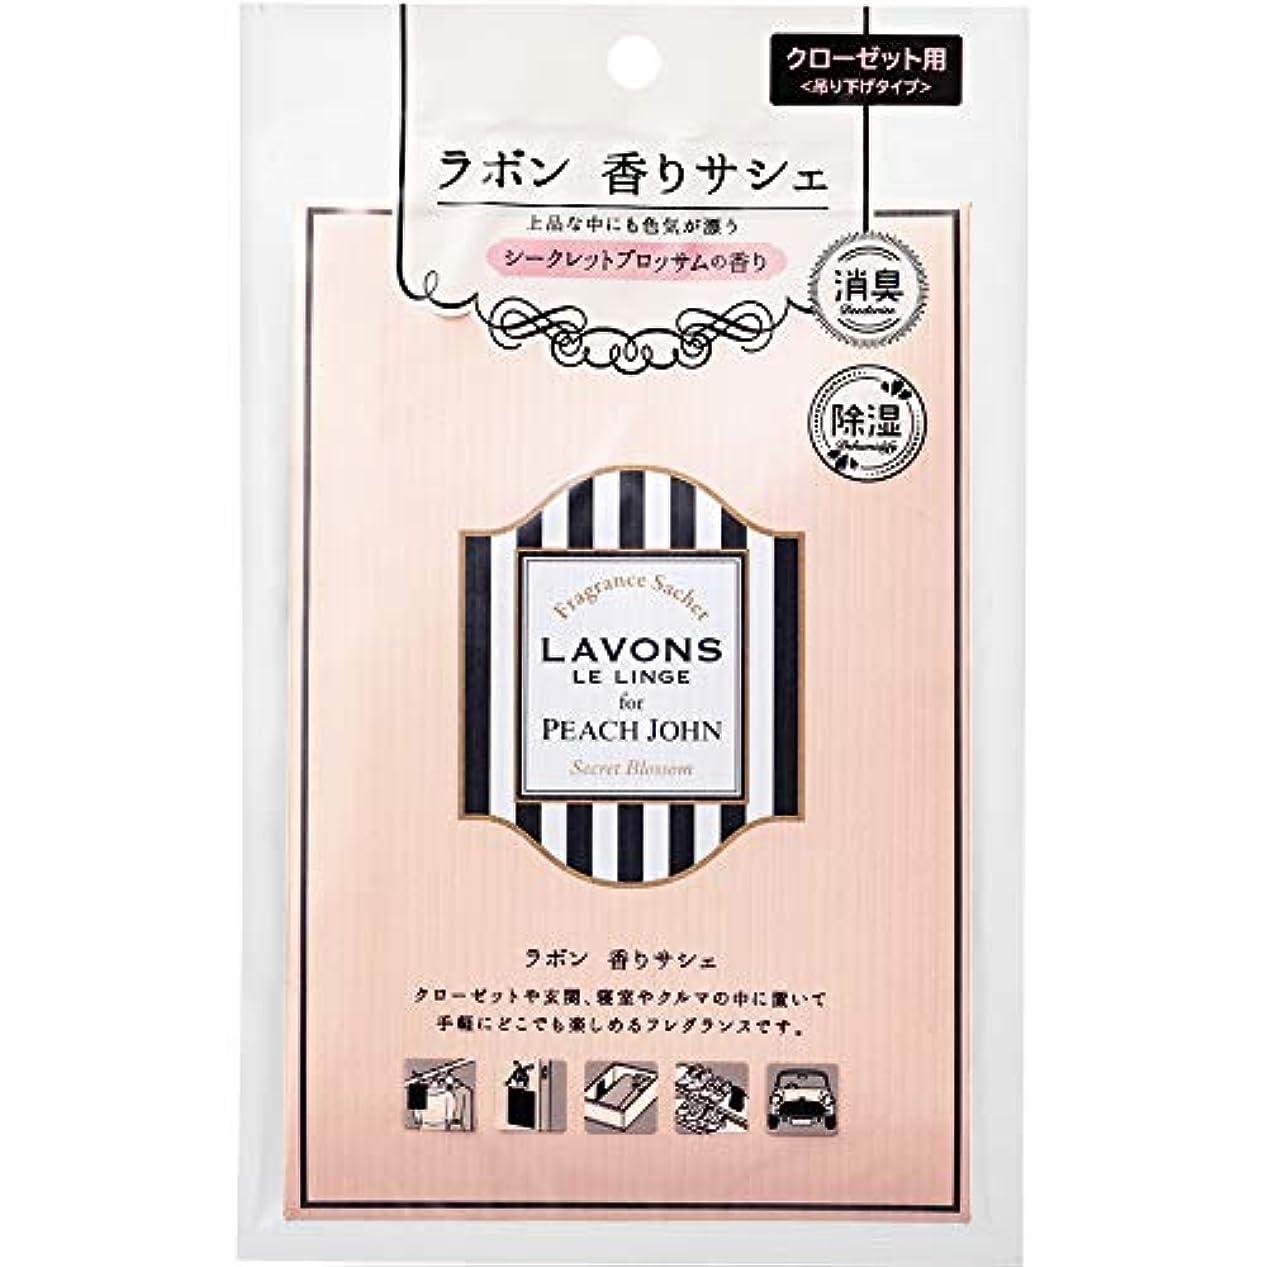 ゲインセイミュート織るラボン for PEACH JOHN 香りサシェ (香り袋) シークレットブロッサムの香り 20g